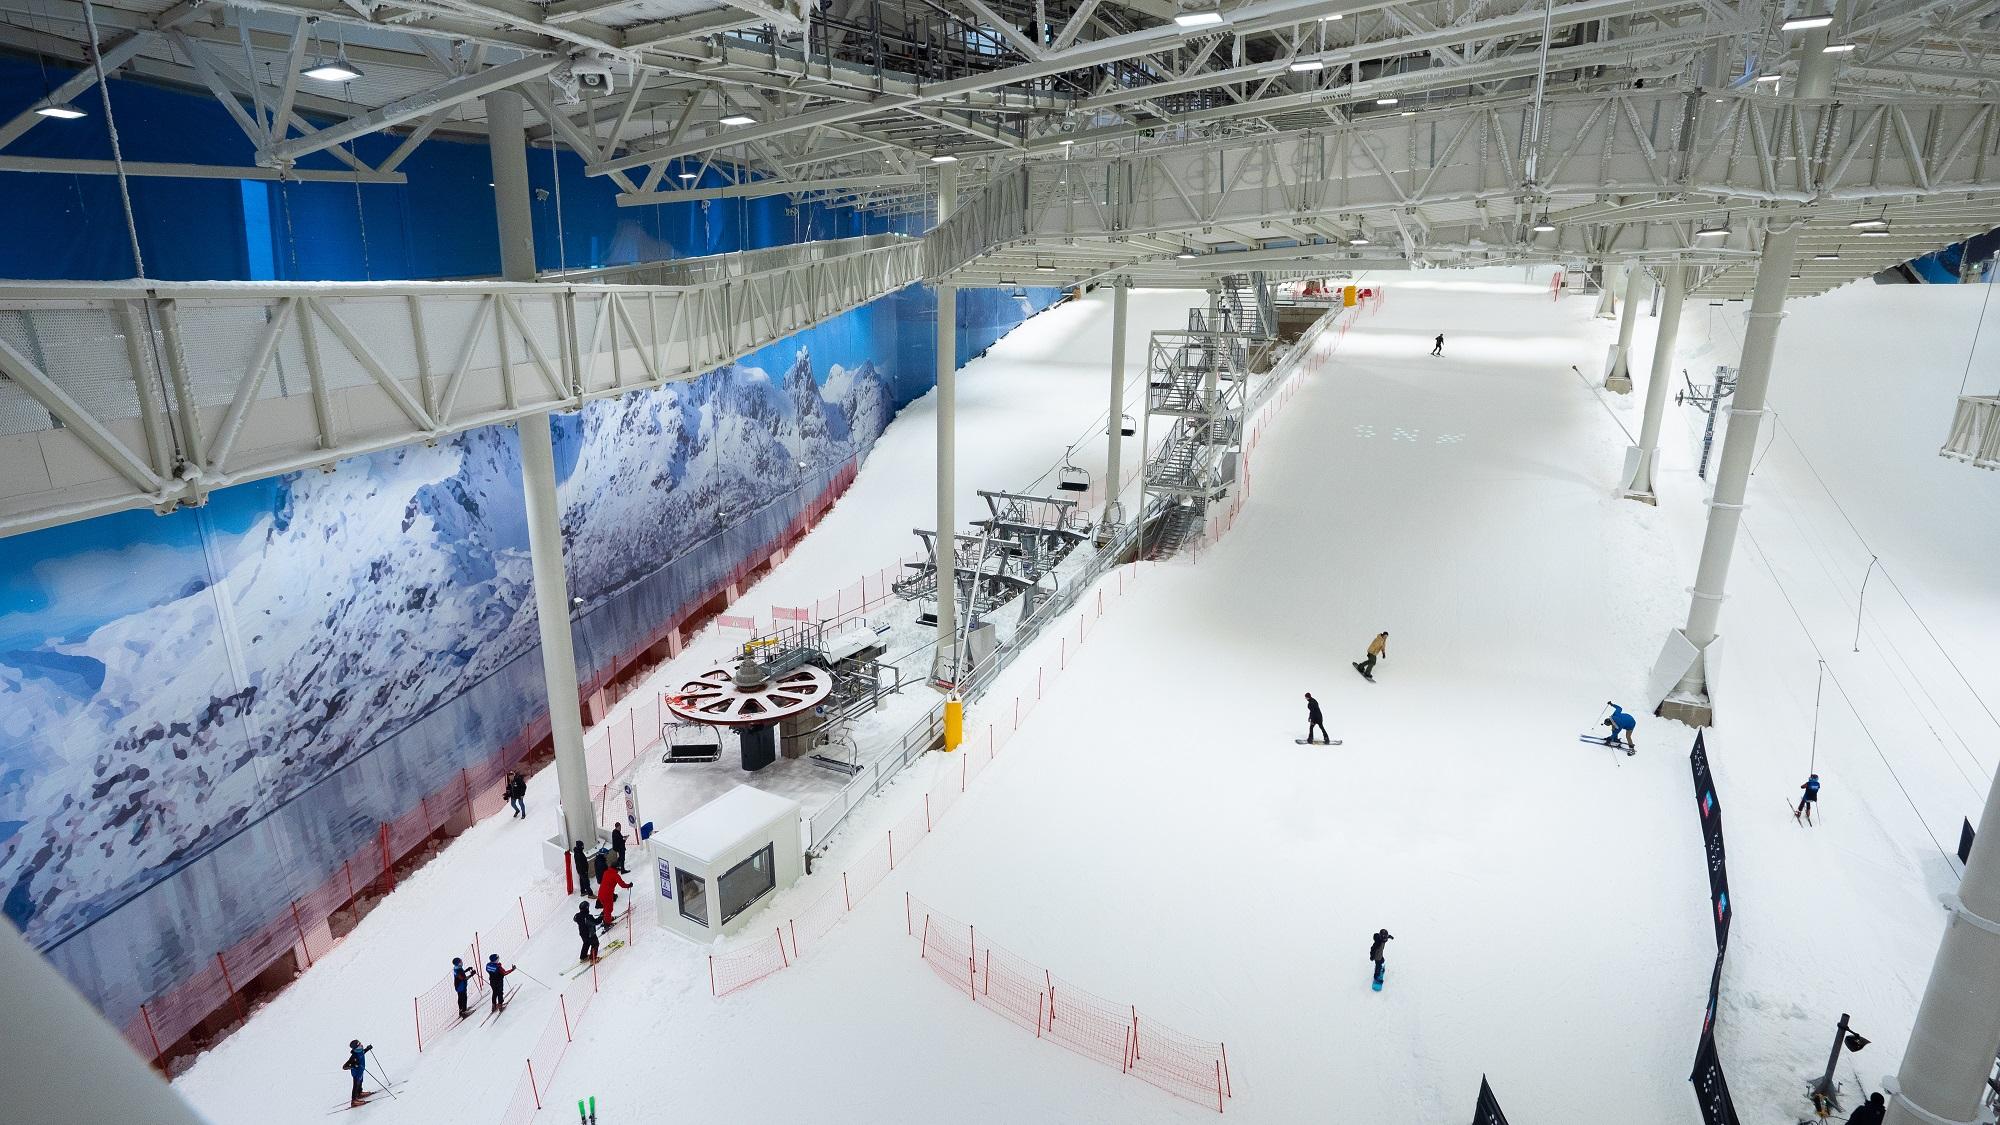 Pistes de ski à Sno Oslo